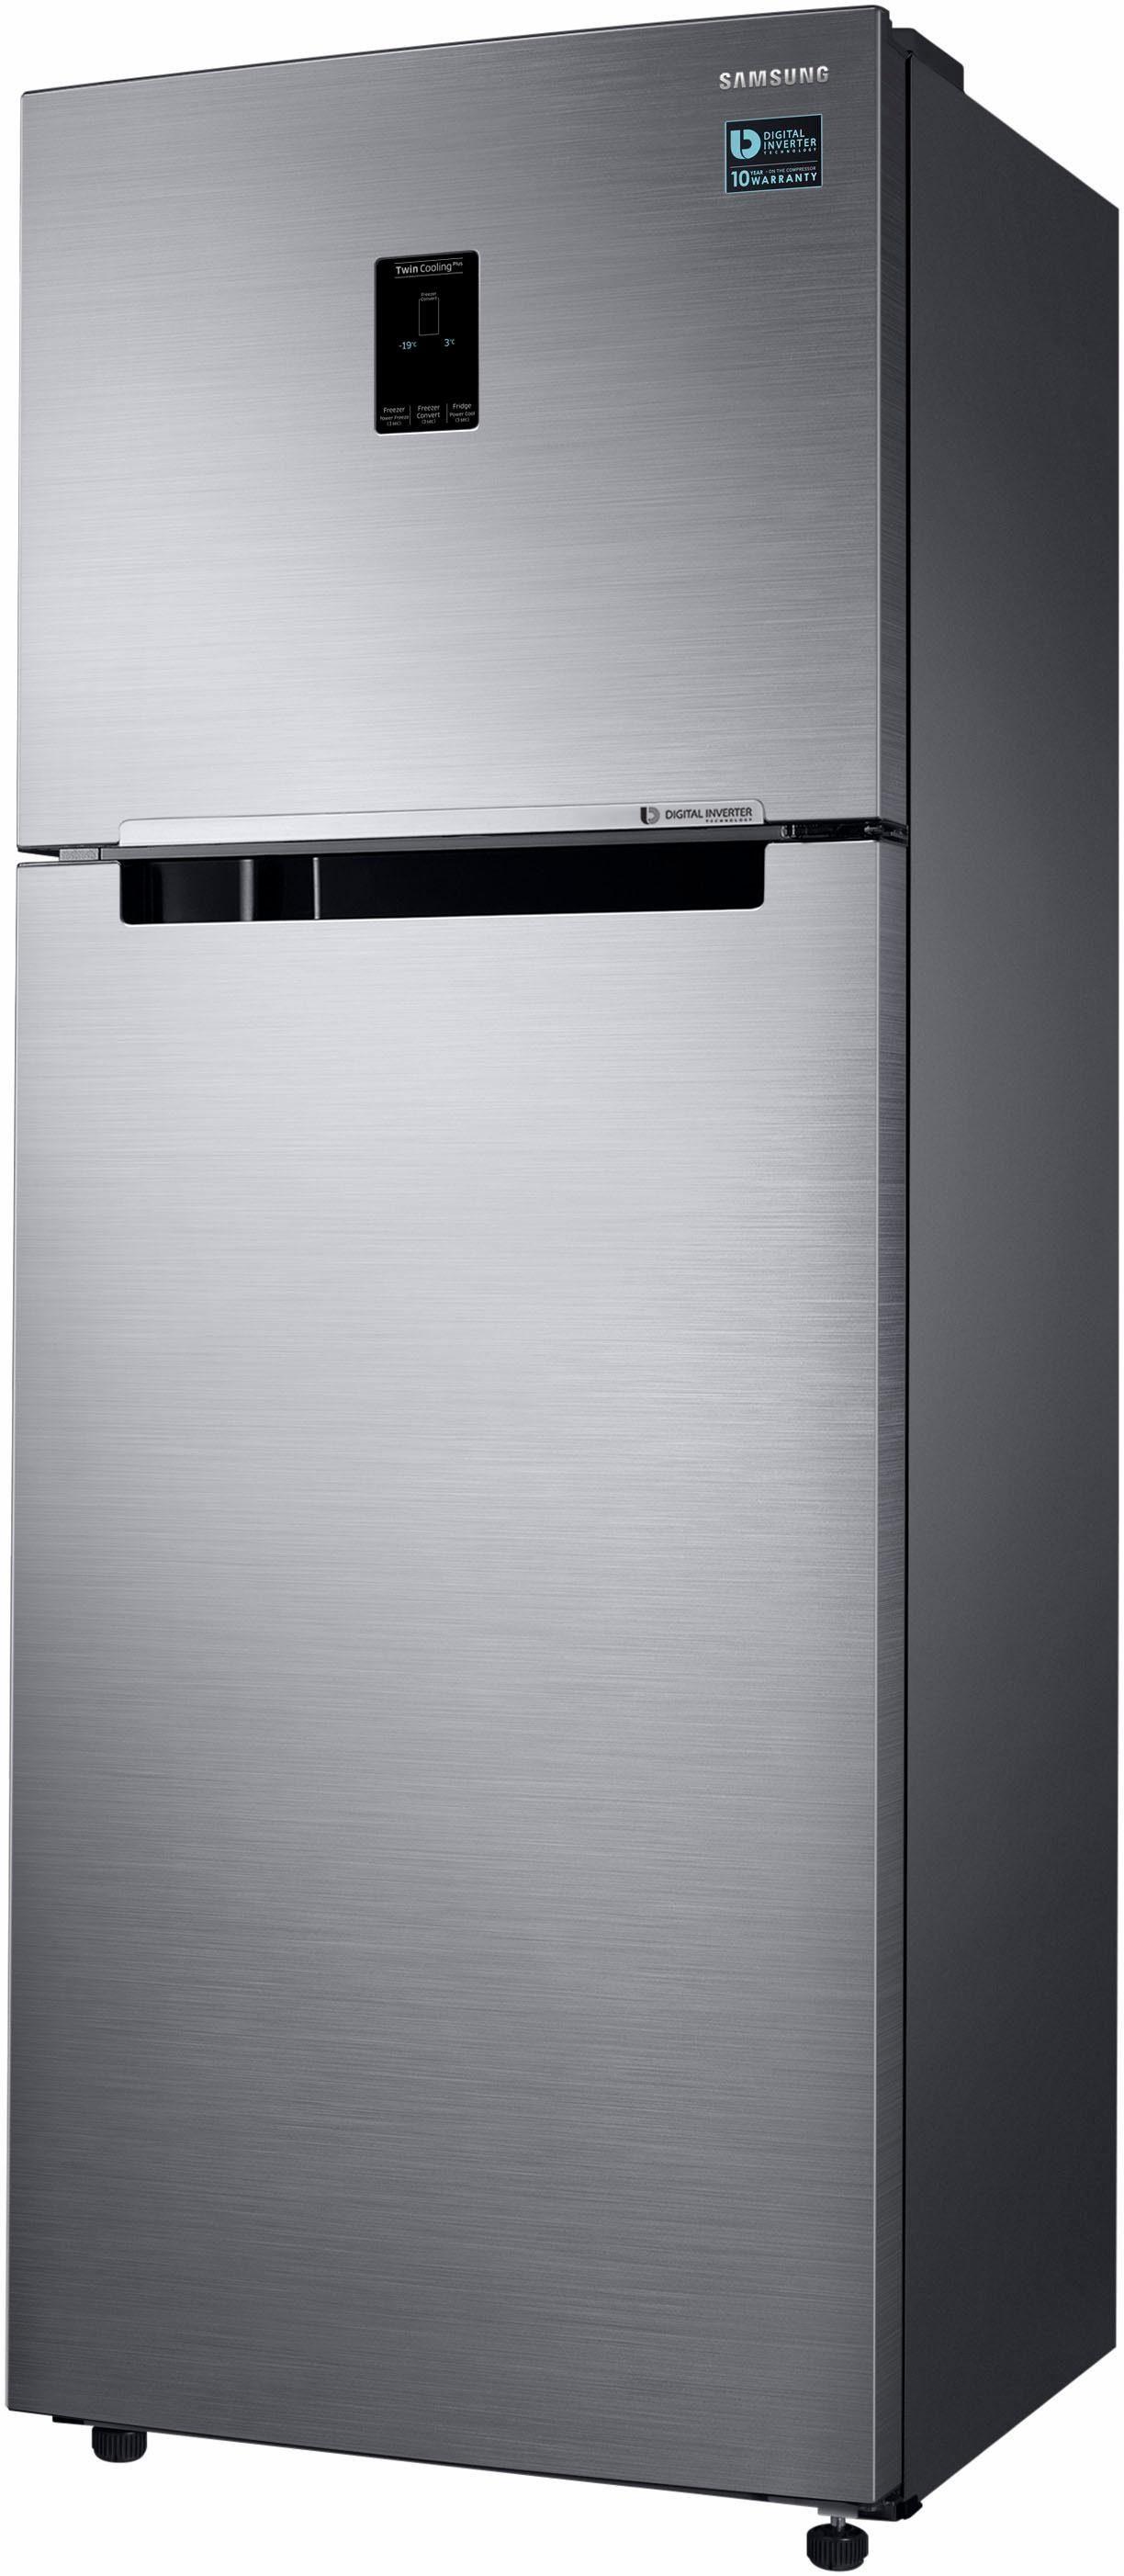 Samsung Kühlschrank RT38K5535S9, 178,5 cm hoch, 67,5 cm breit